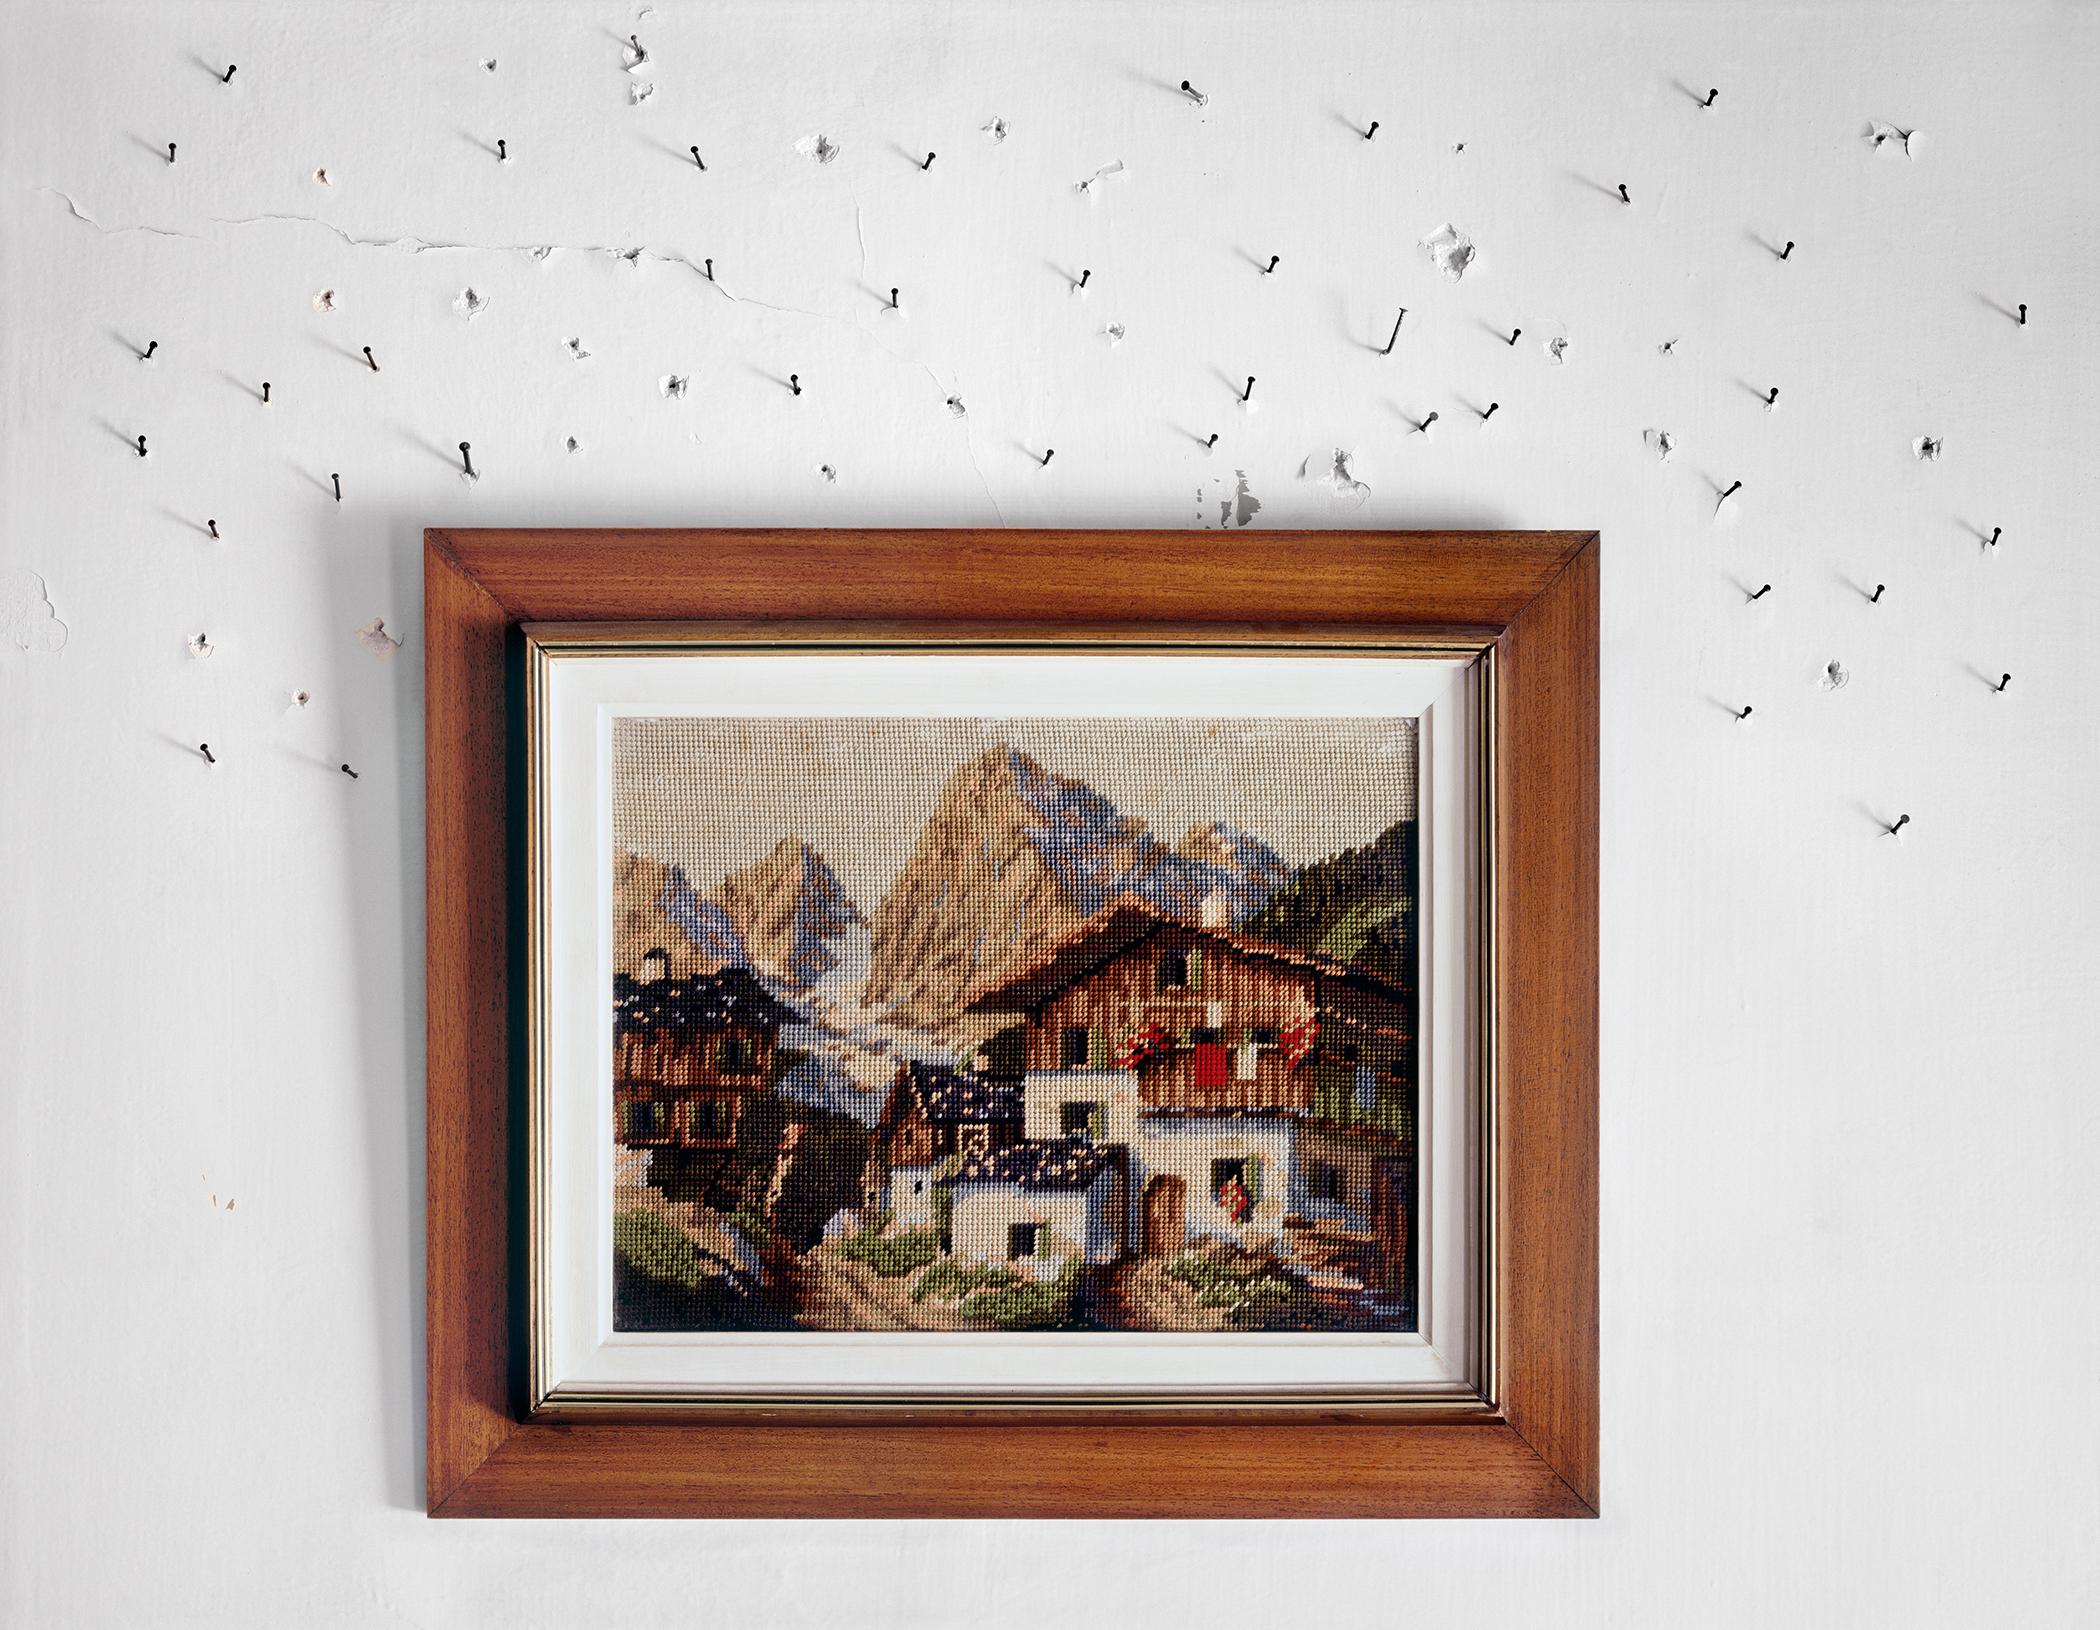 Rubi Lebovitch: Home Sweet Home  01/07/15 - 02/01/15